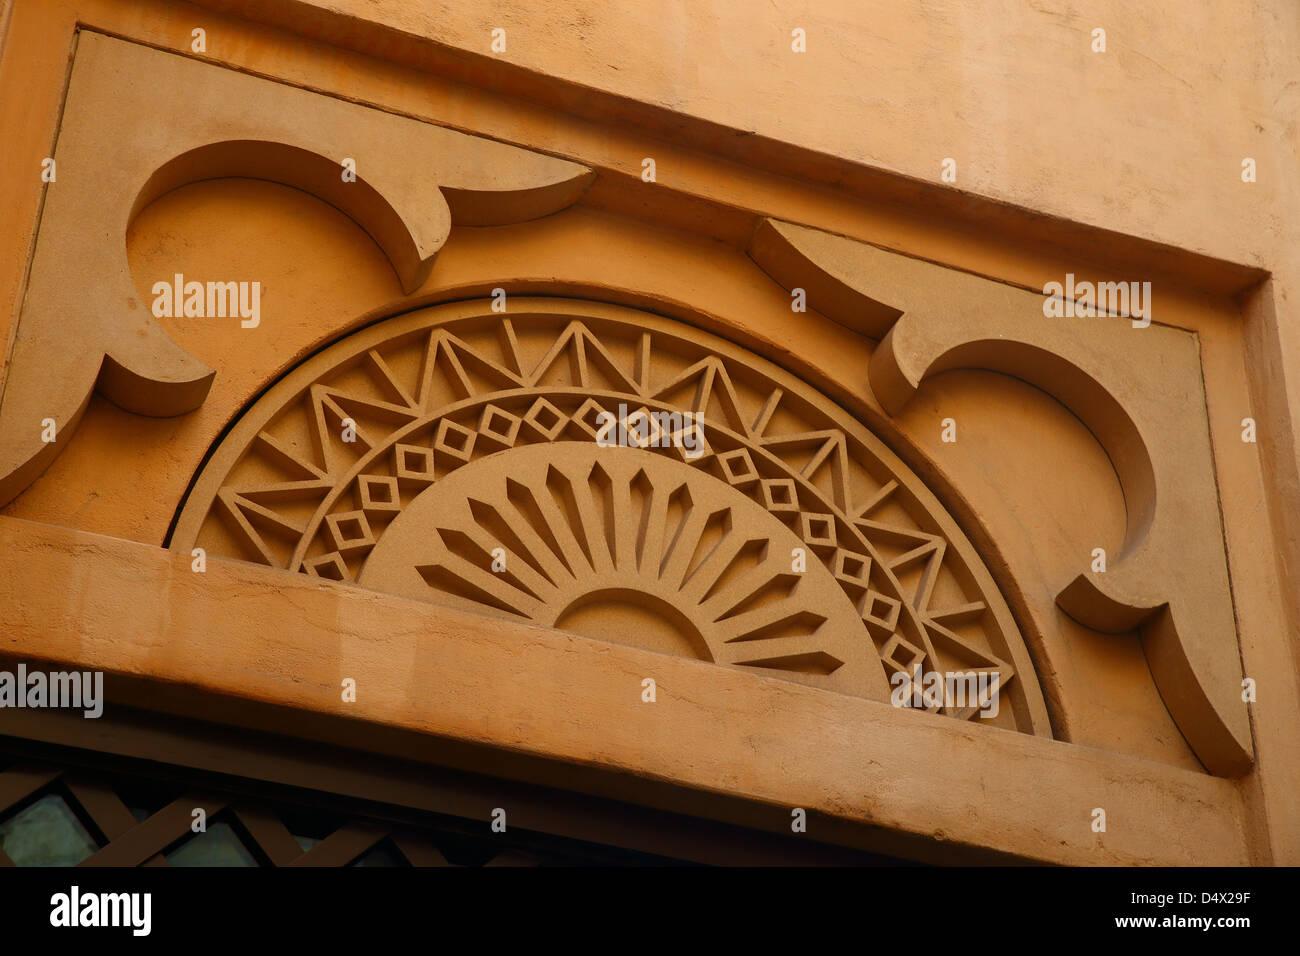 Détail architectural au Souk Madinat Jumeirah, Dubaï, Émirats Arabes Unis Photo Stock